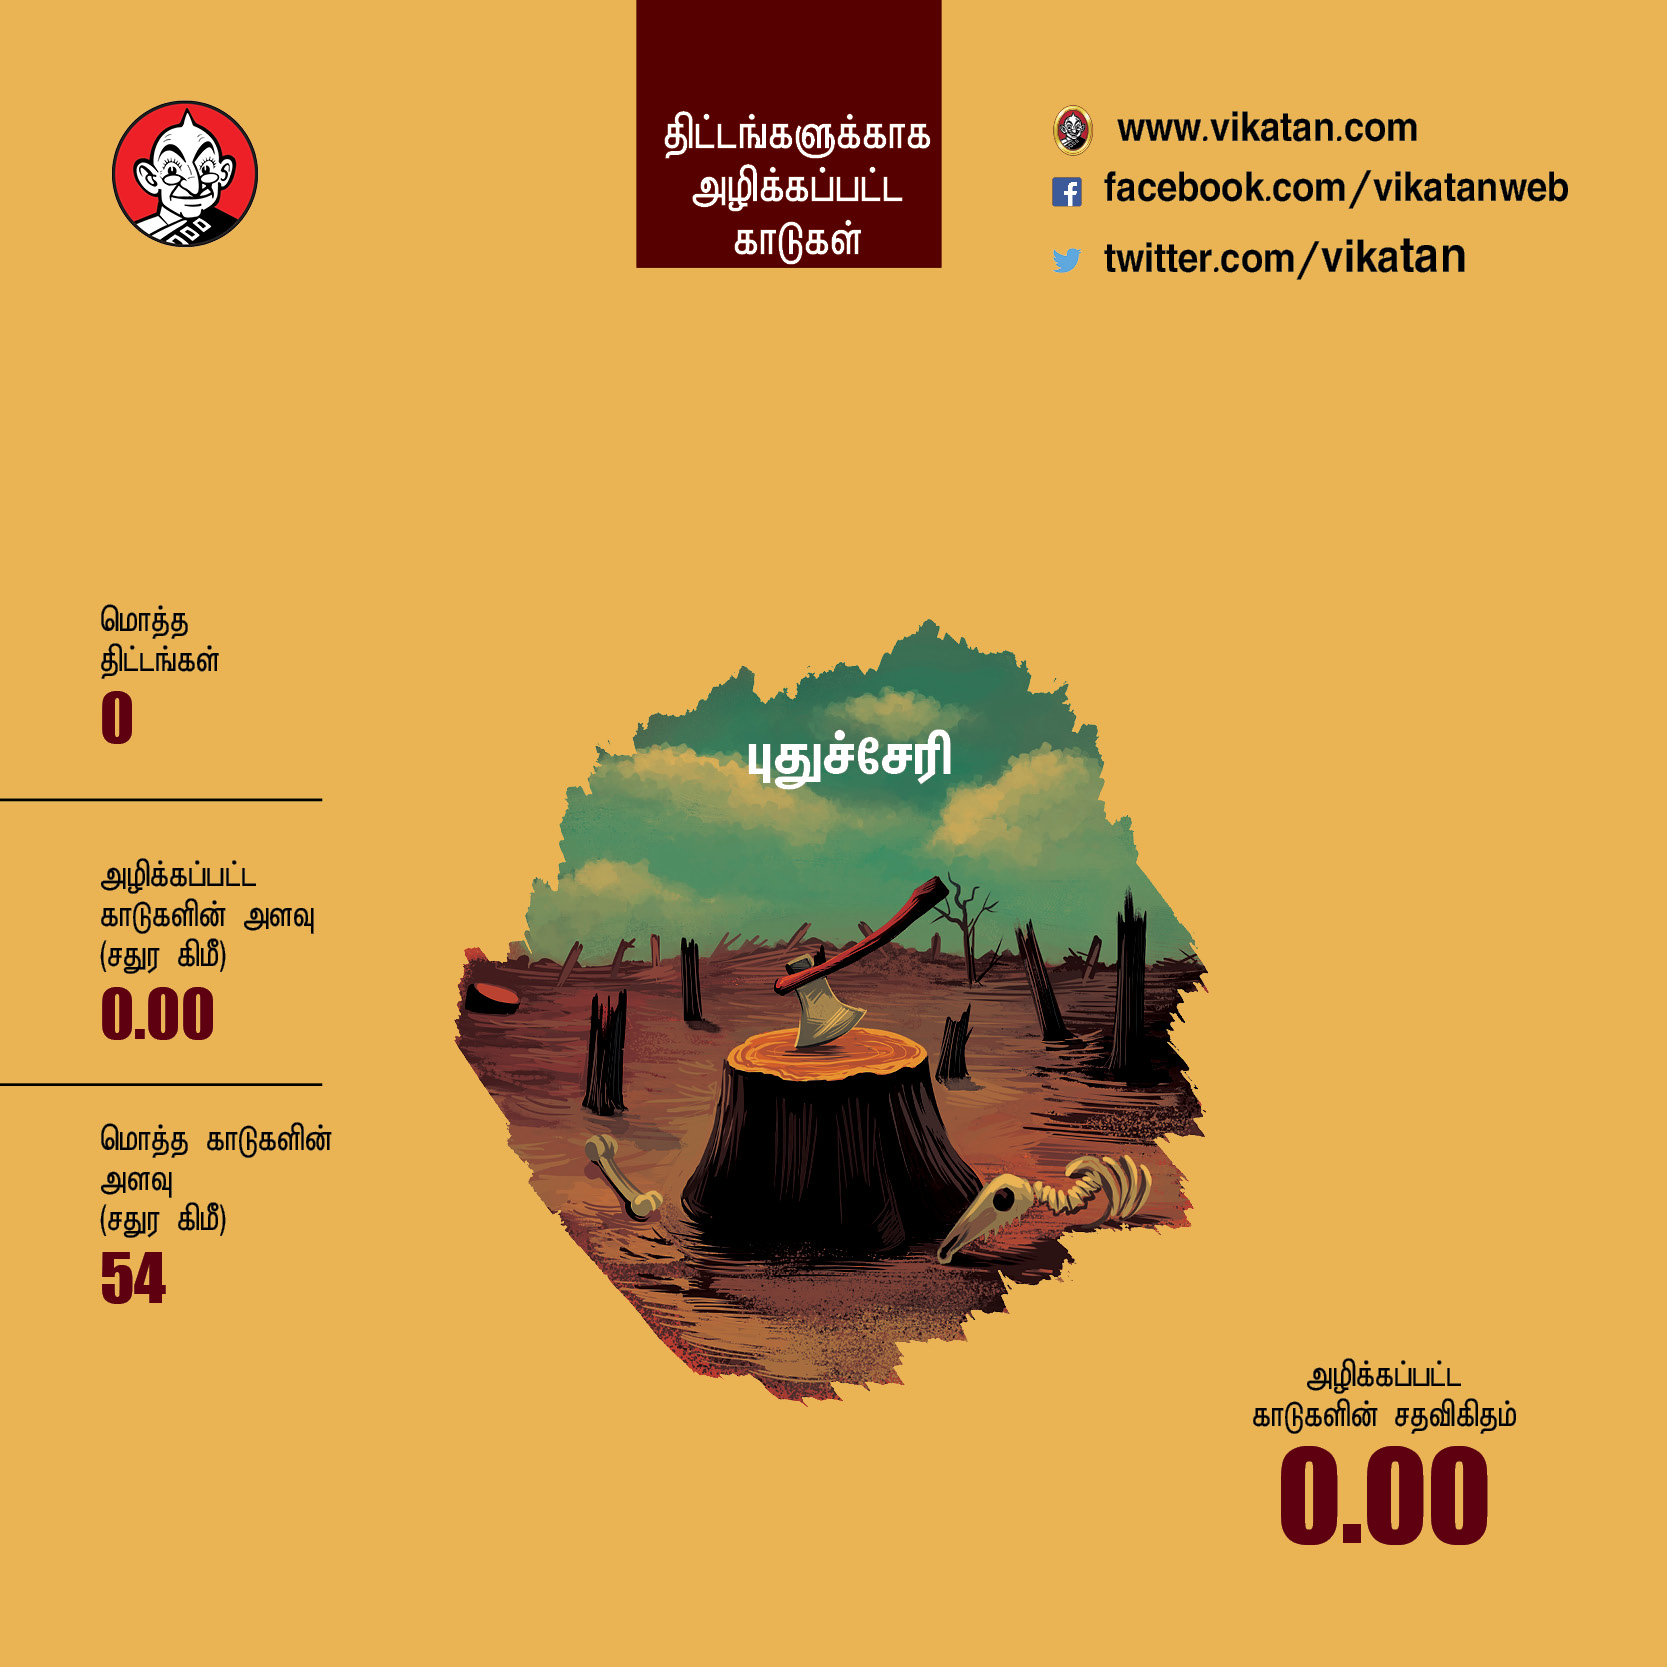 30 ஆண்டுகளில் வளர்ச்சிக்காக இந்திய மாநிலங்கள் அழித்த காடுகள் எவ்வளவு? #VikatanPhotoCards